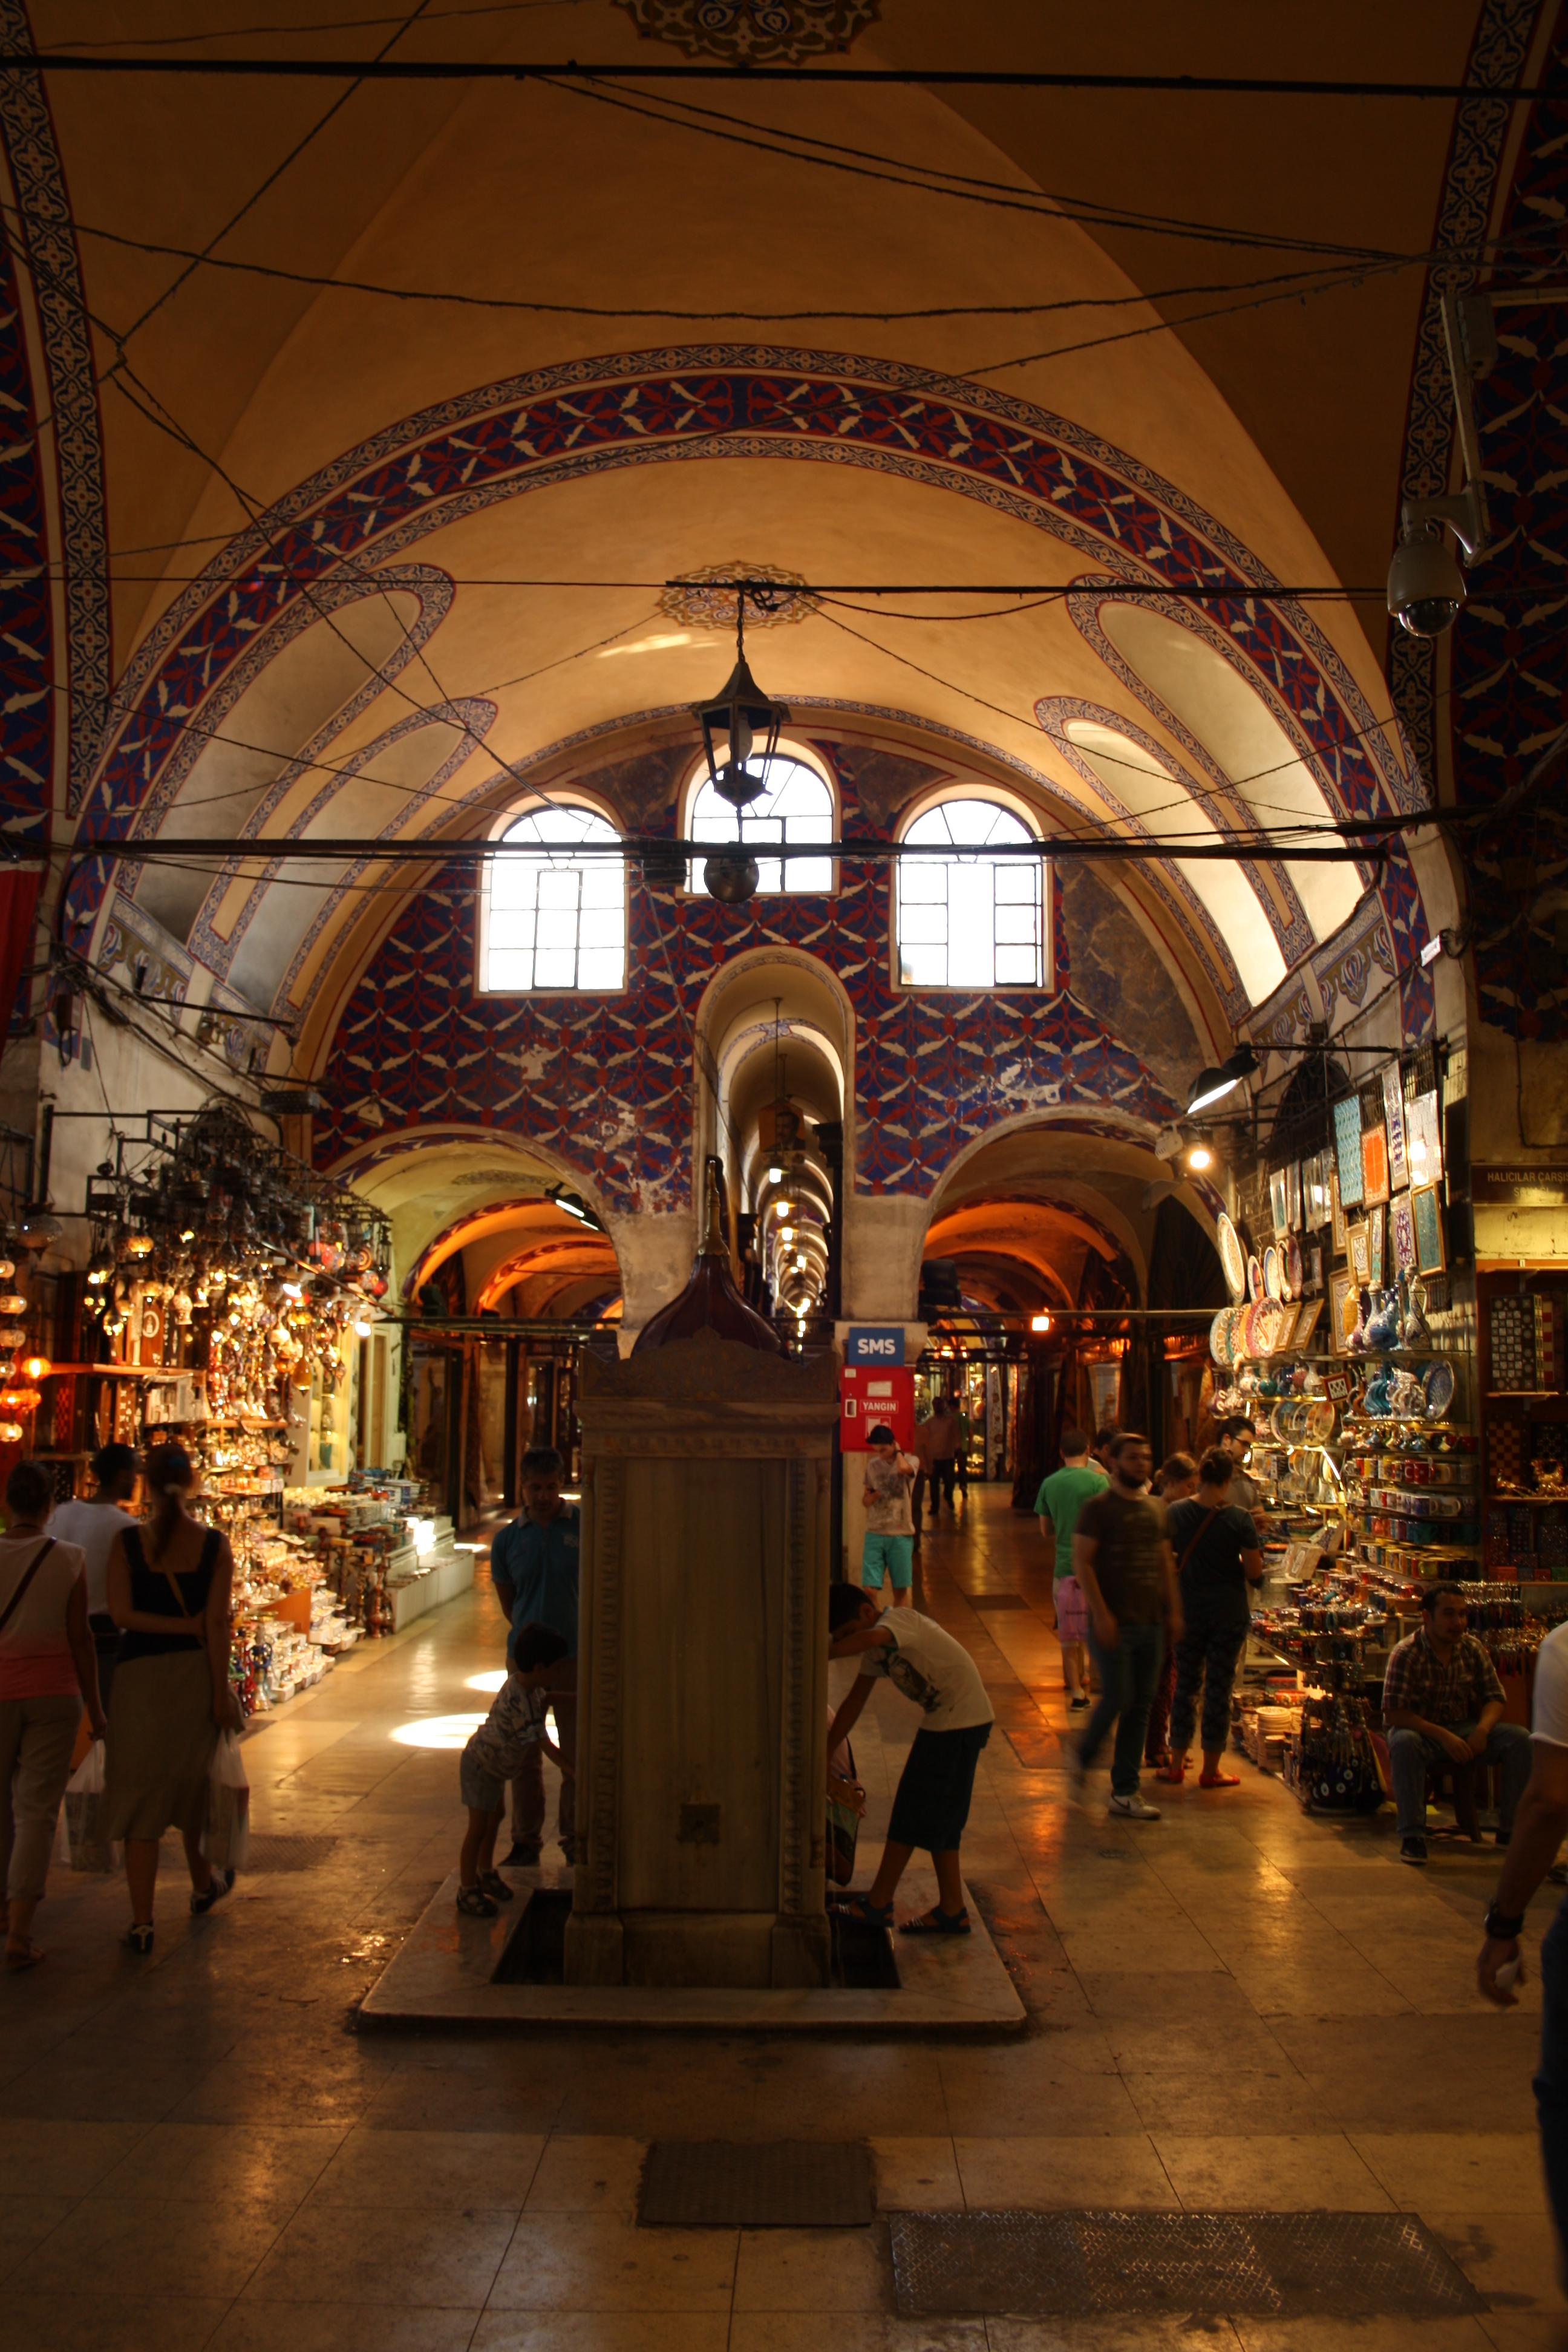 Il bazar, Kapalı çarşı, interno